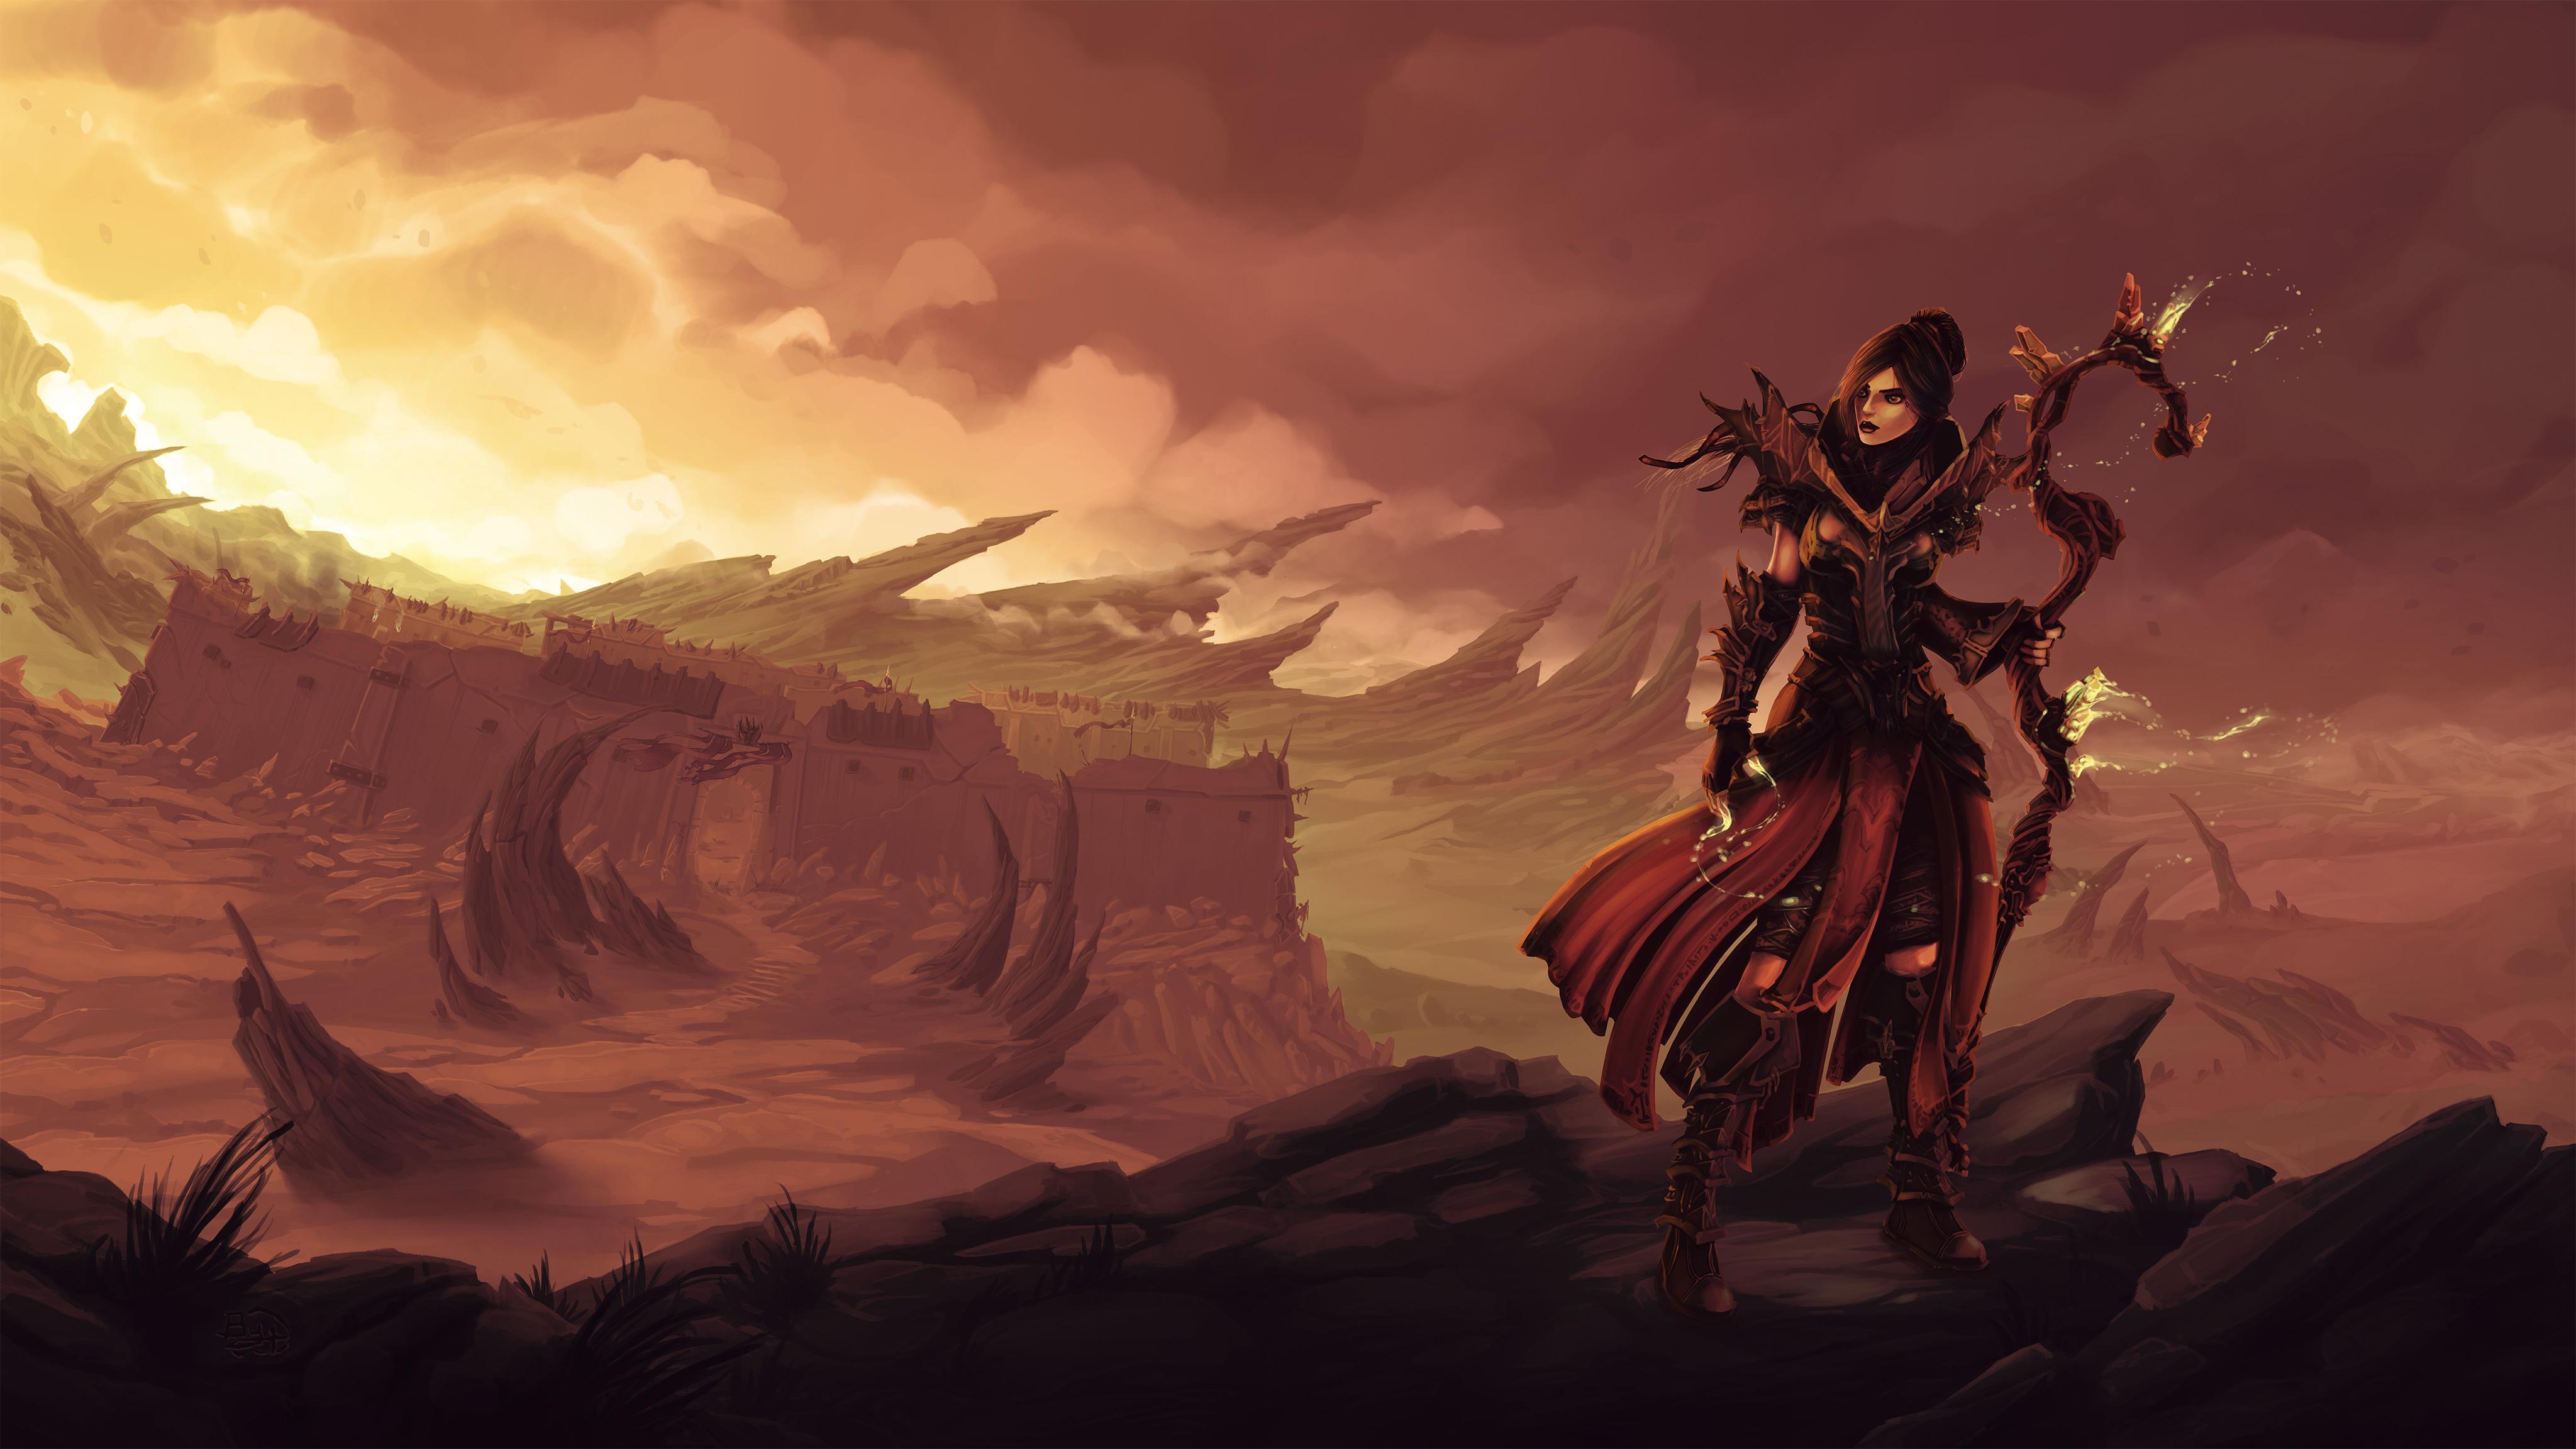 Diablo III 4k Ultra HD Wallpaper | Background Image ...